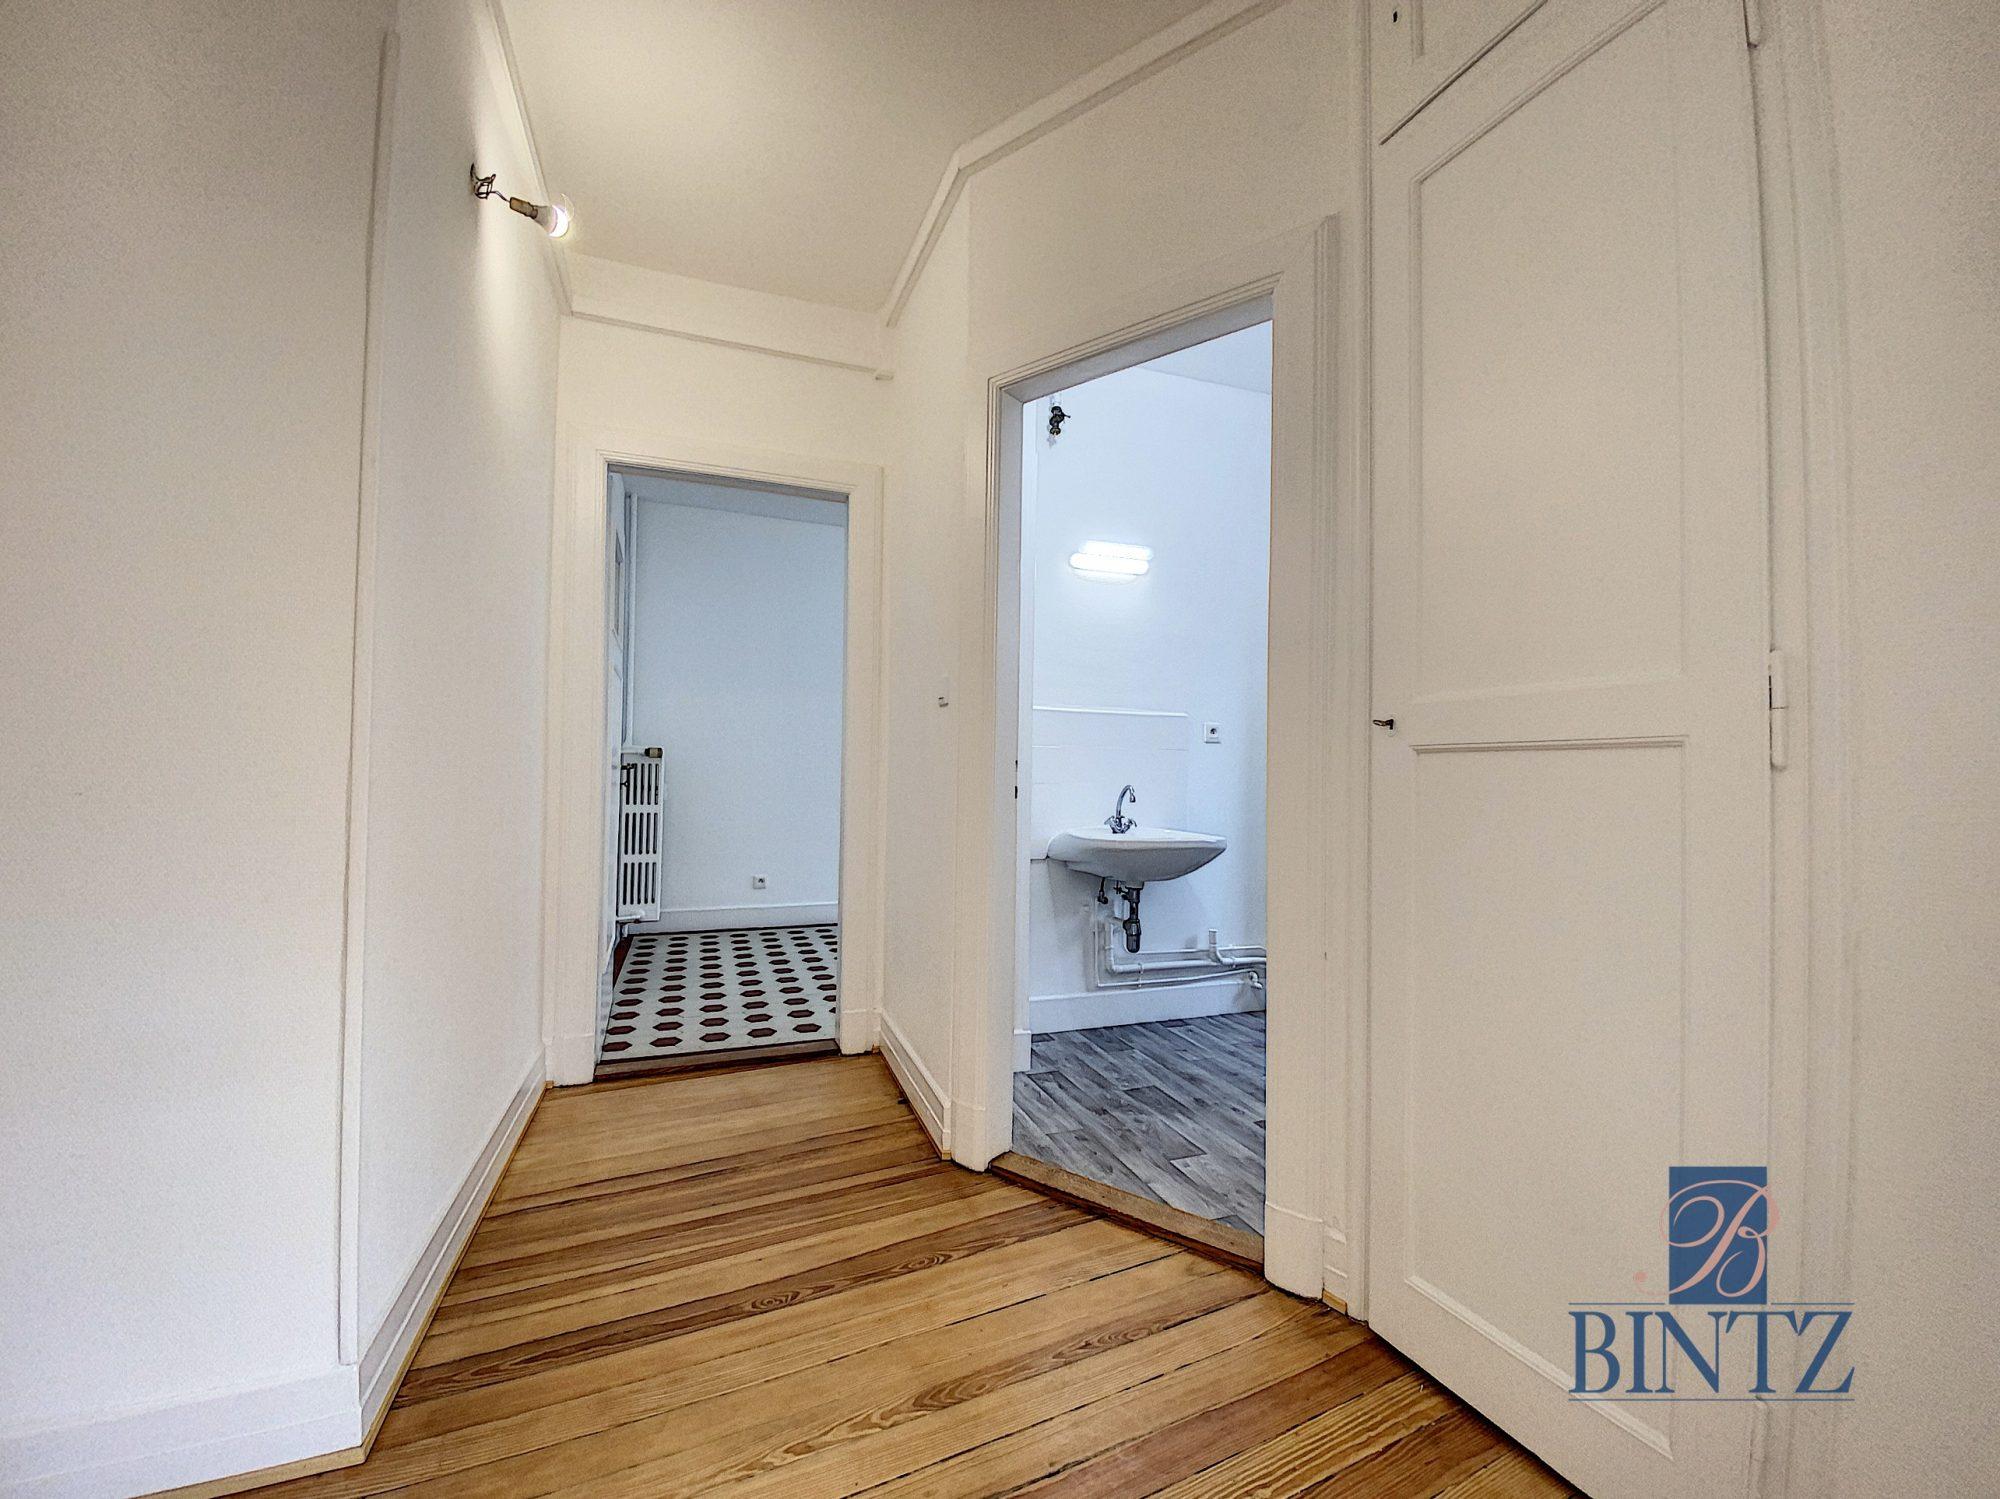 GRAND 1PIÈCE RÉNOVÉ KRUTENAU - Devenez locataire en toute sérénité - Bintz Immobilier - 10